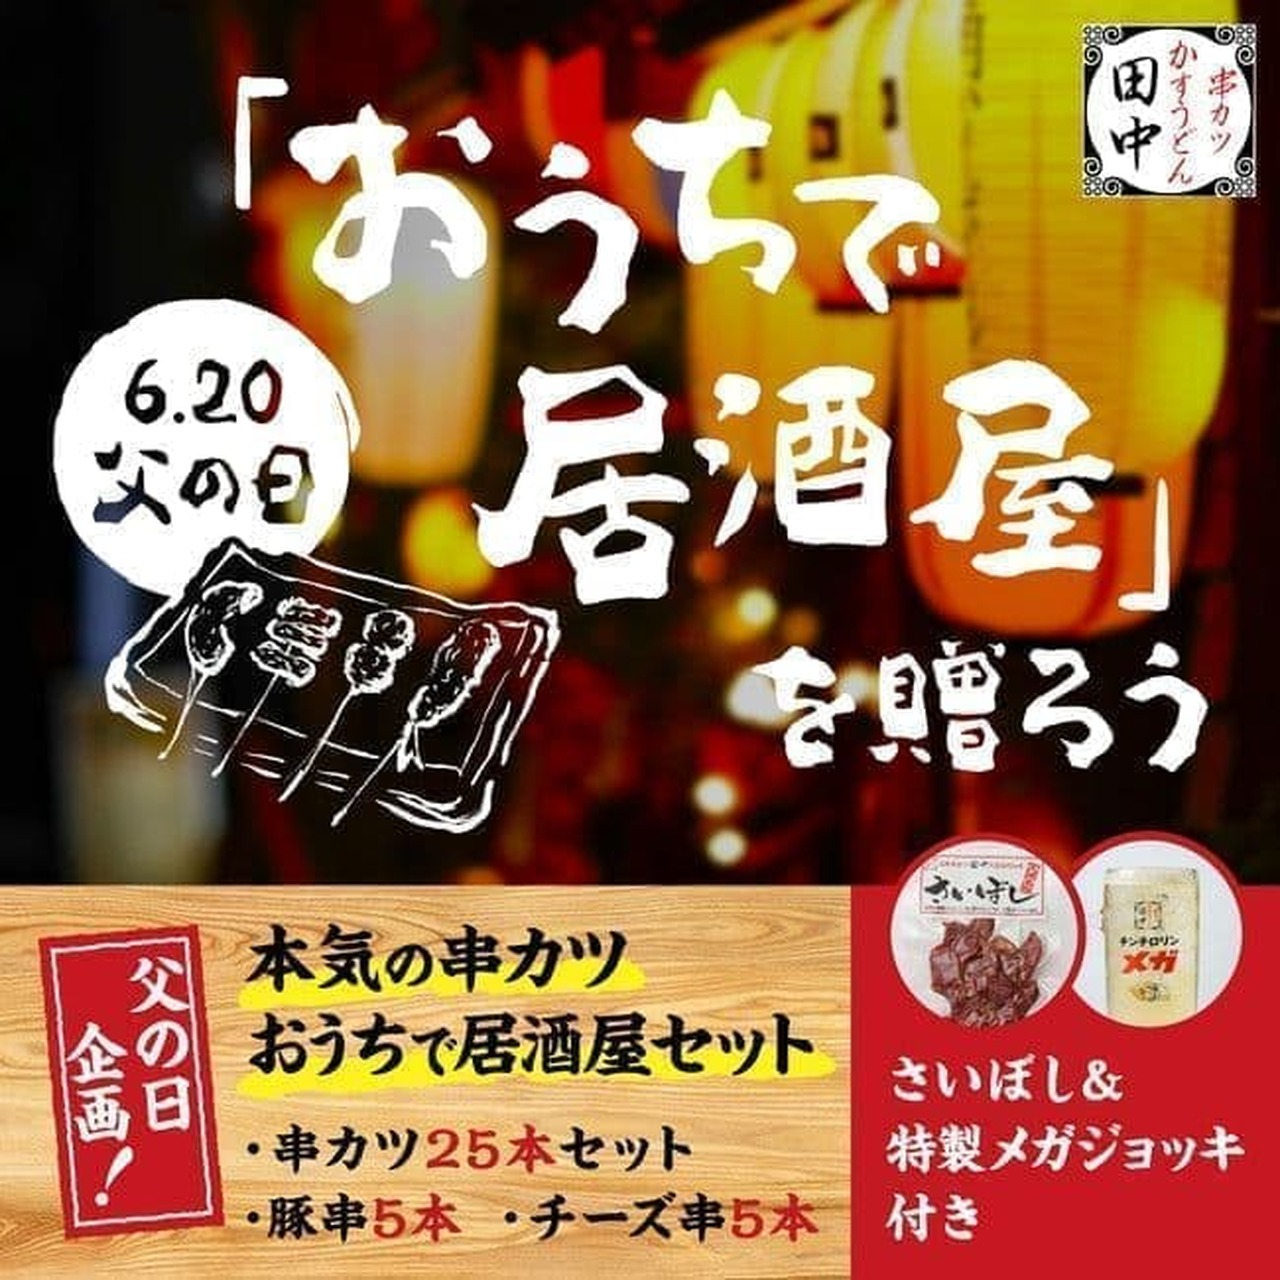 串カツ田中オンラインショップ「おうちで居酒屋セット」